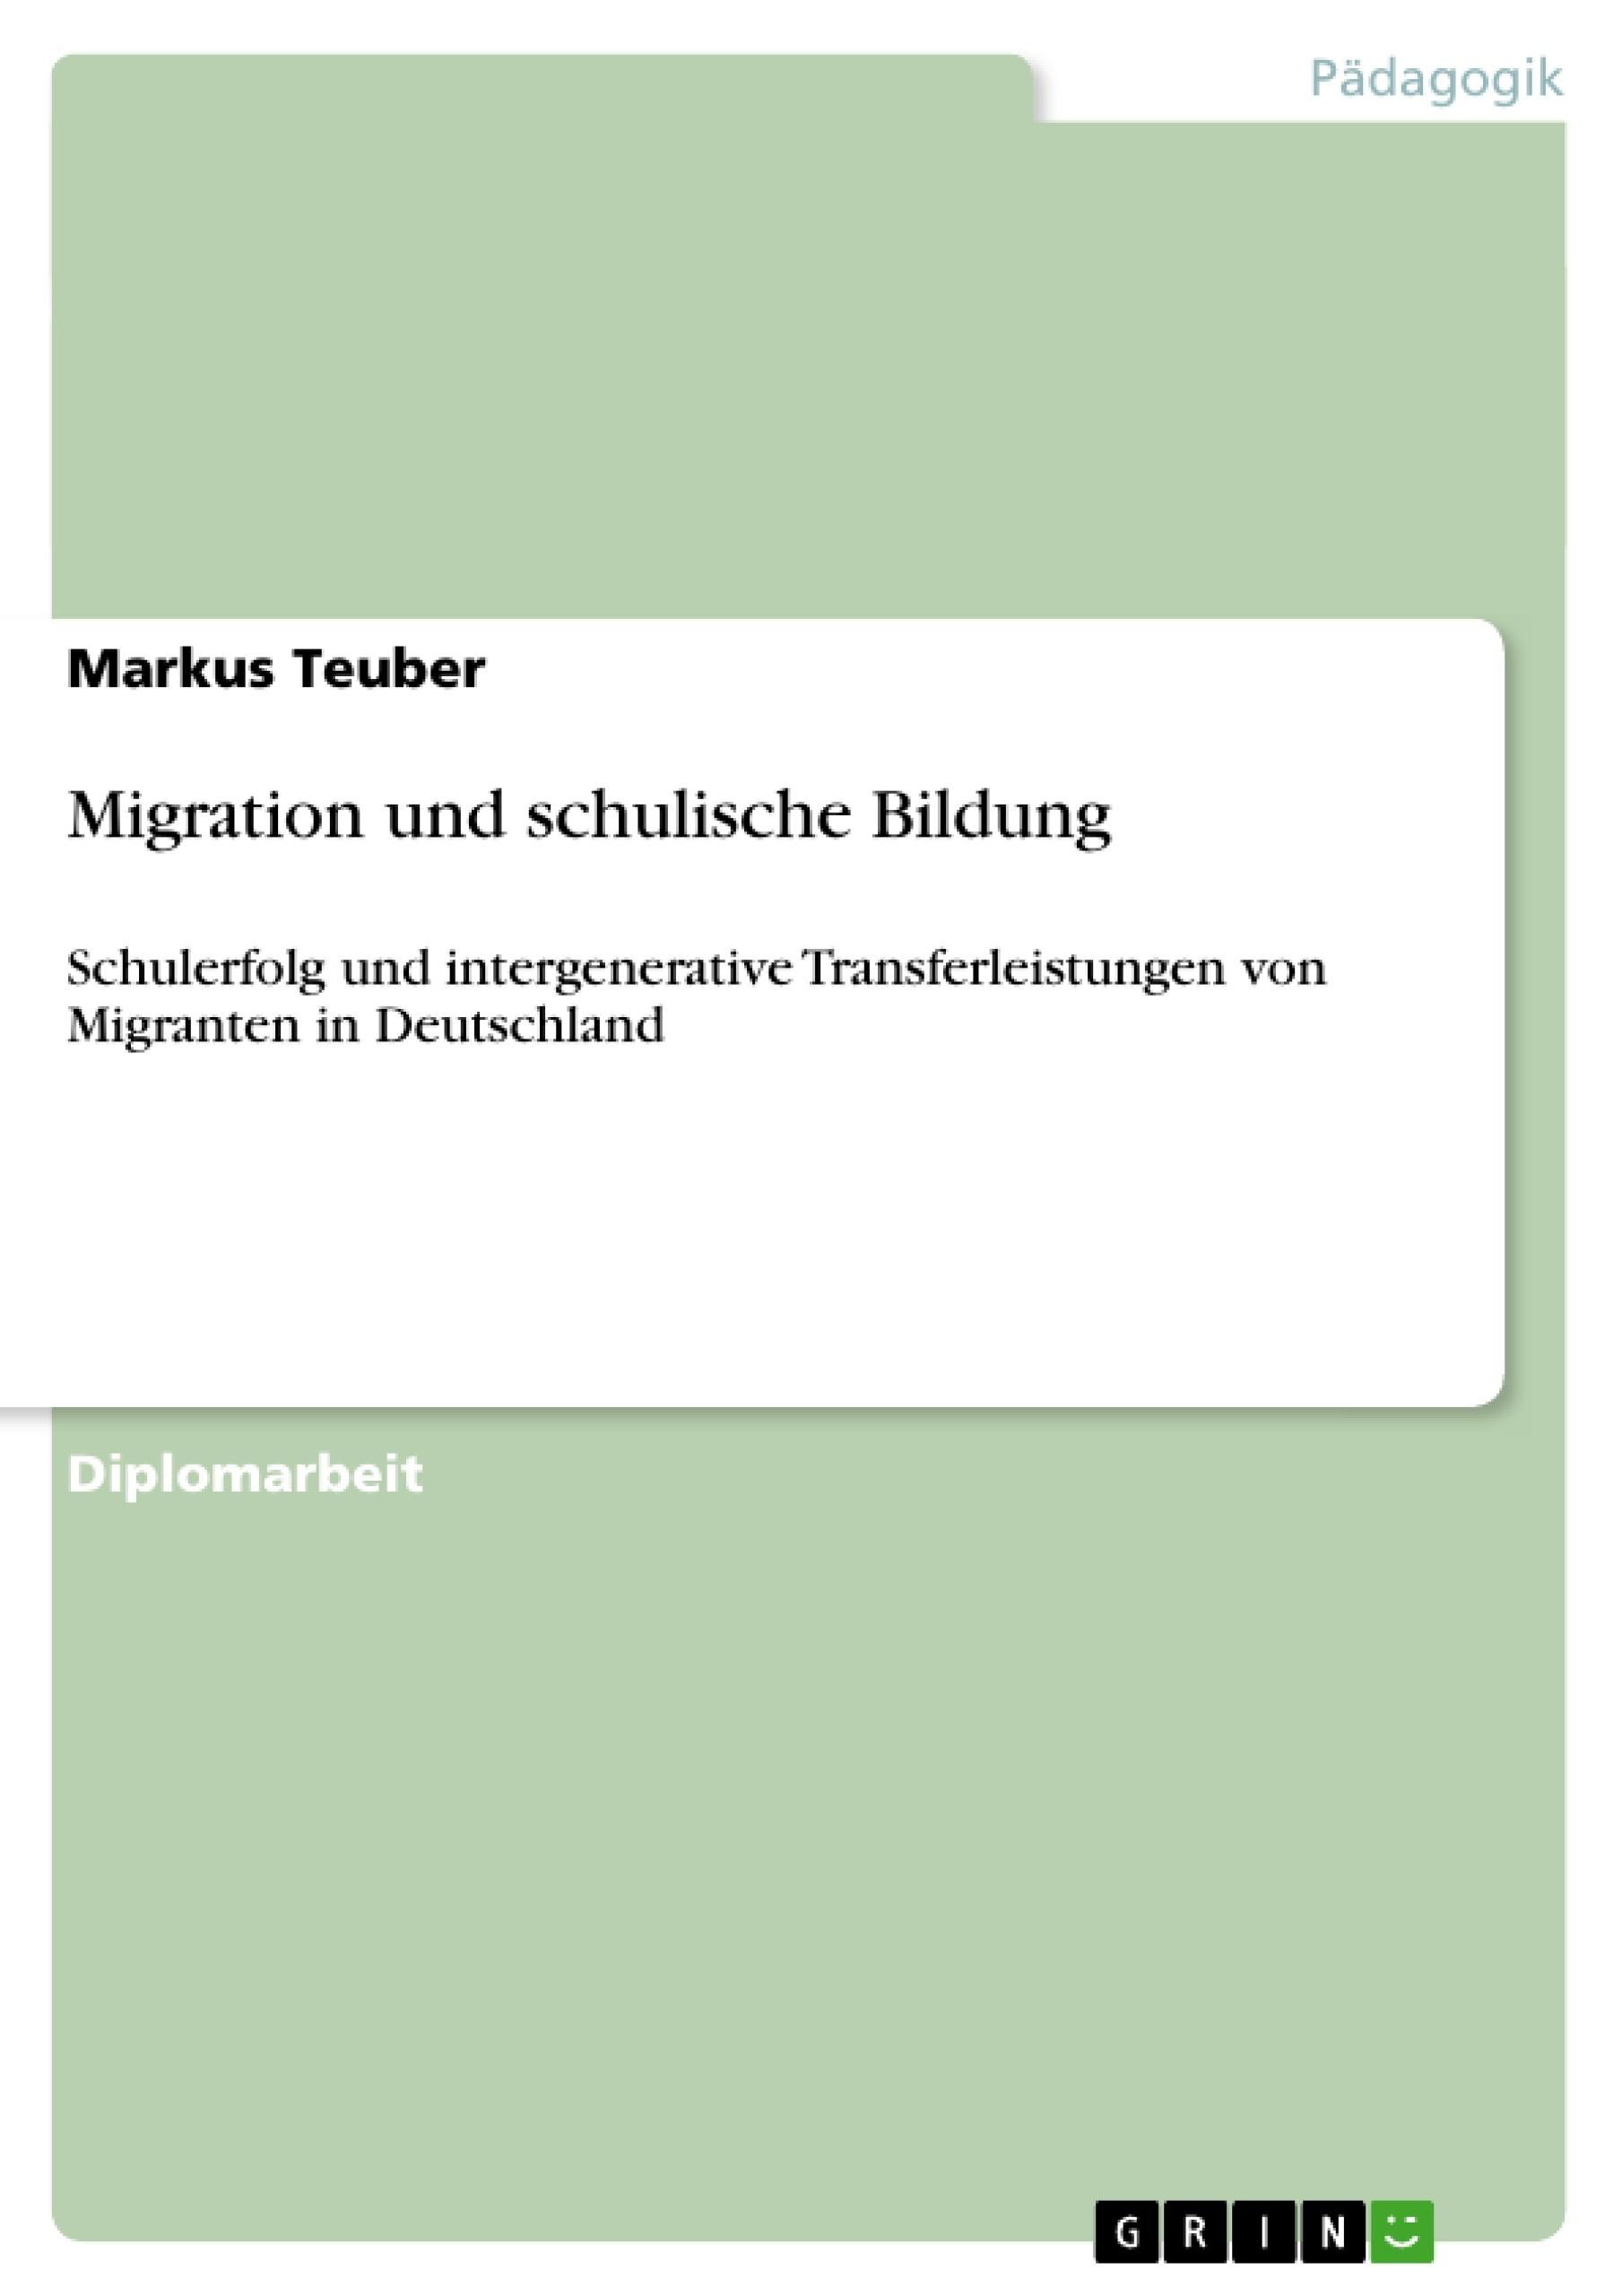 Titel: Migration und schulische Bildung